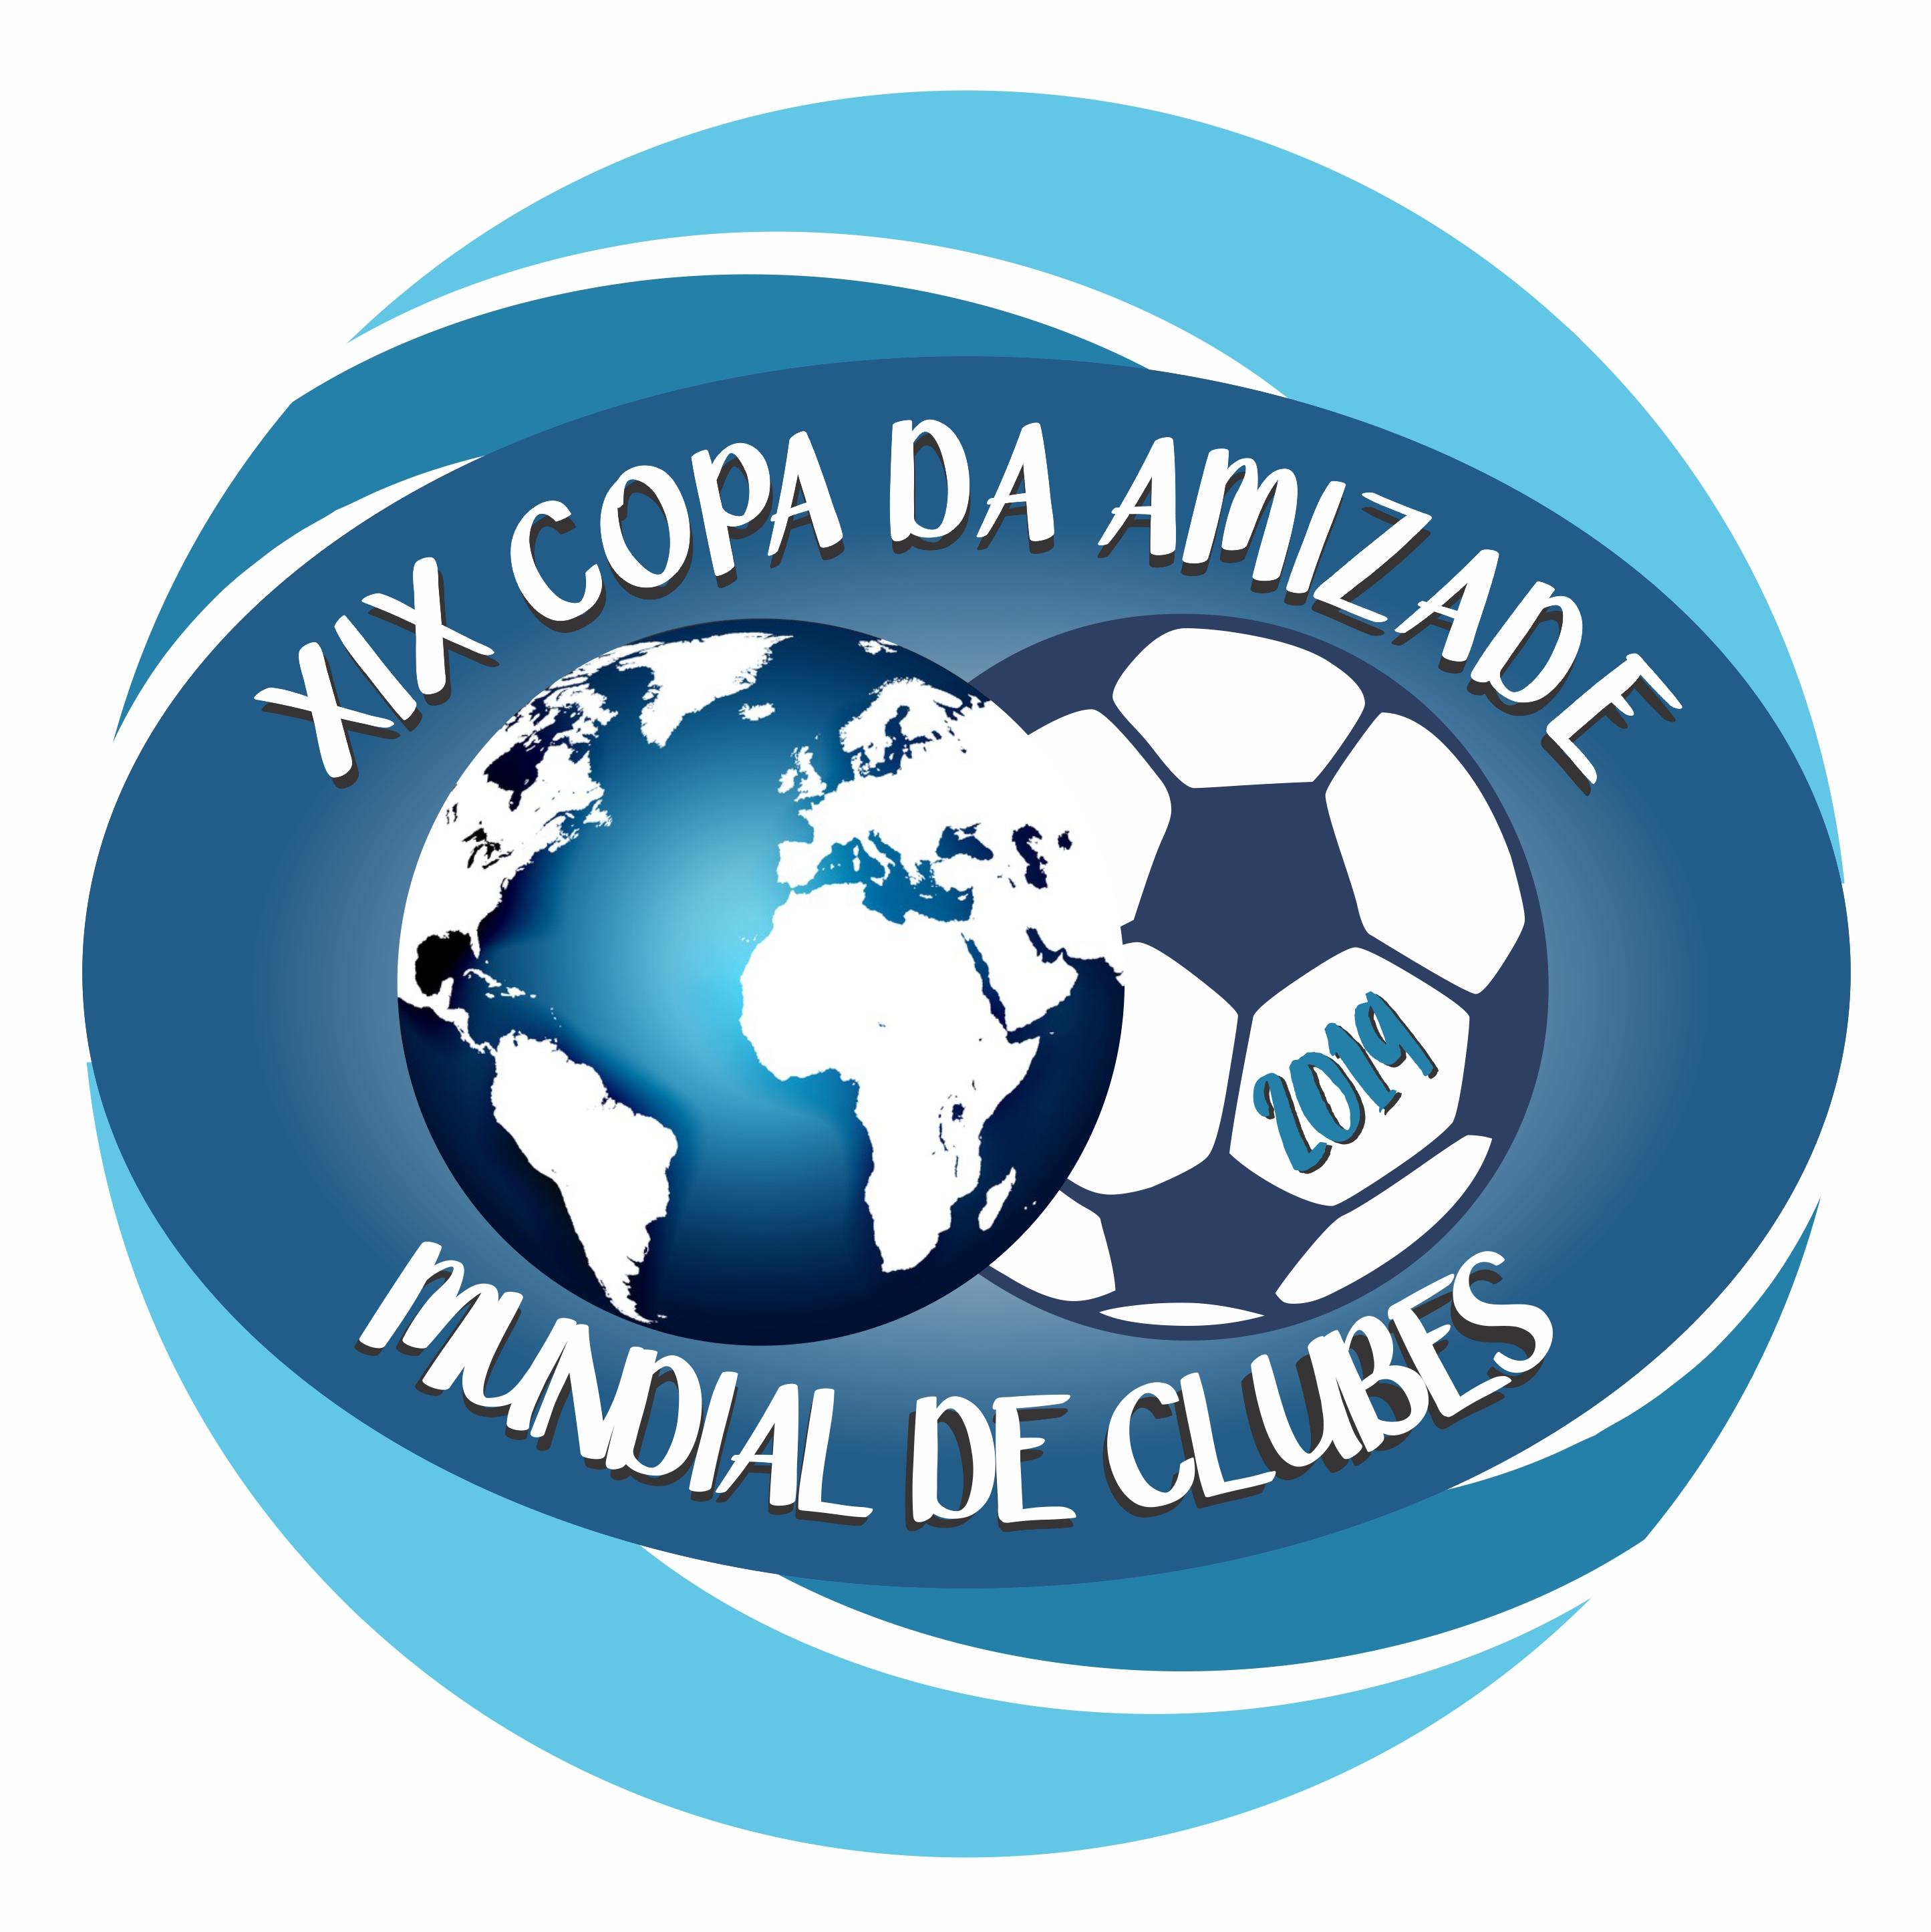 LOGO OFICIAL XIX Copa da Amizade - 2019 - Mundial de Clubes pdf